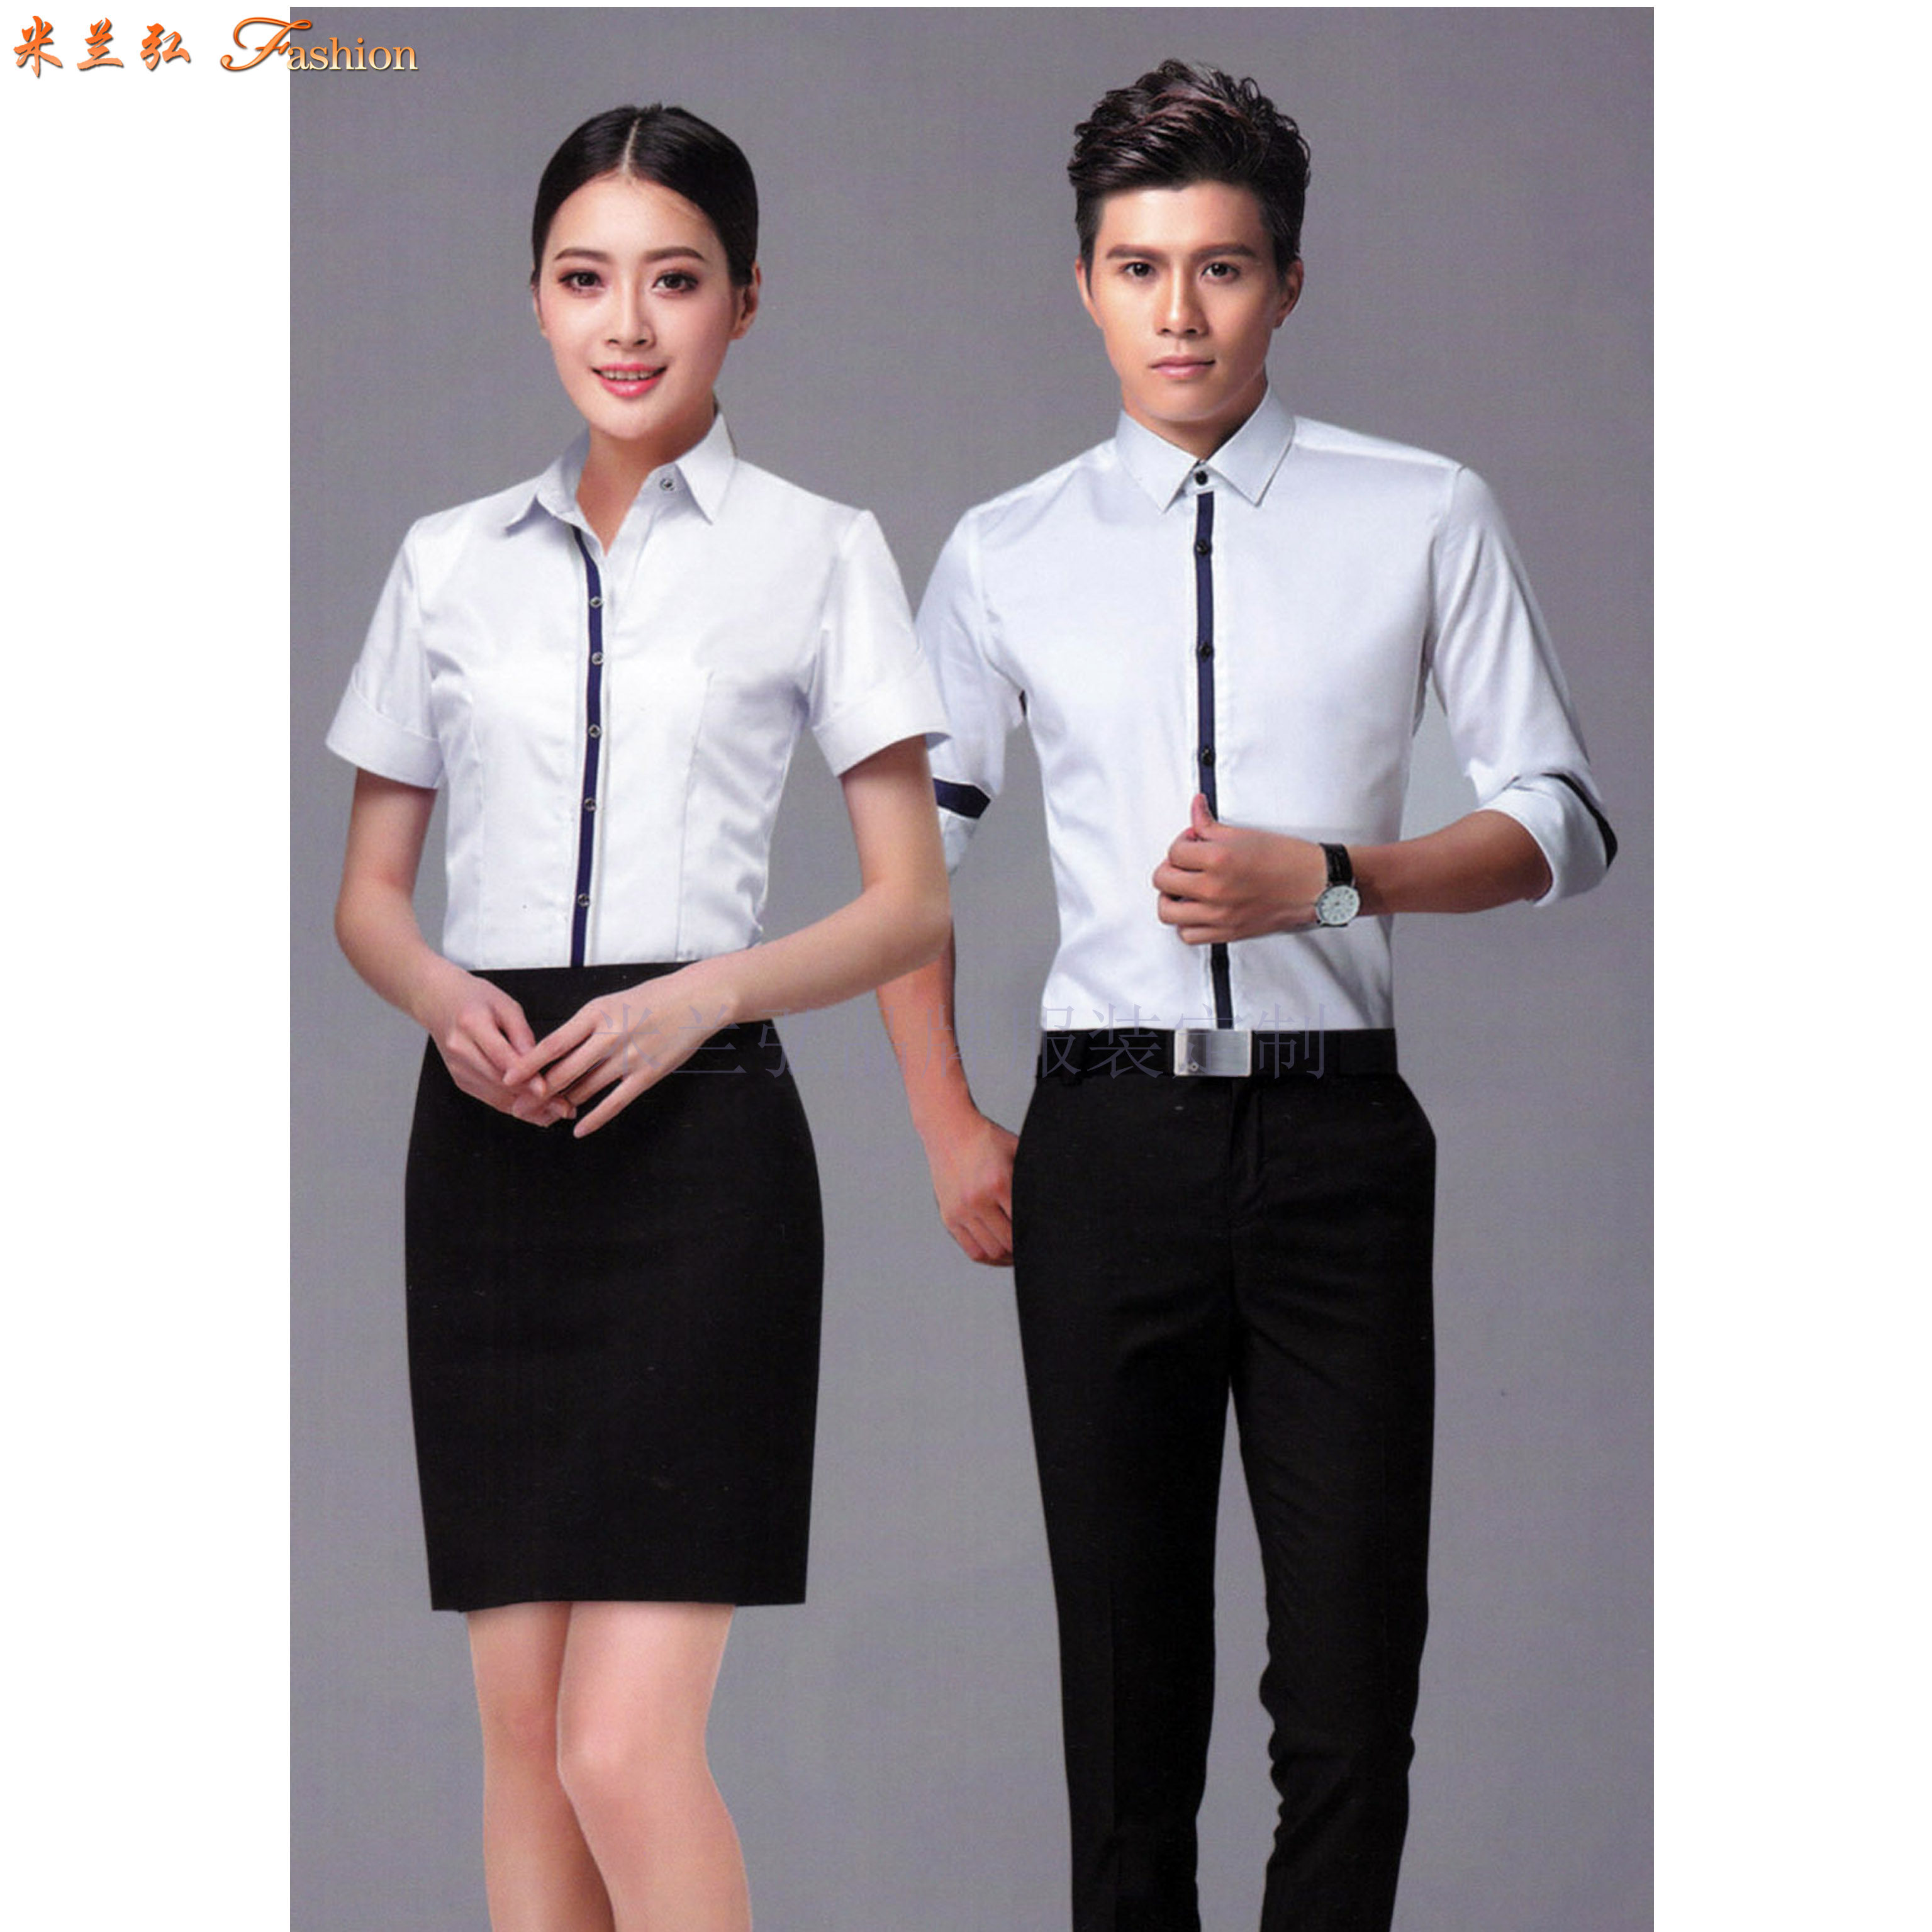 「男式襯衫訂制」「女士襯衫定做」工作服襯衫定制工廠-米蘭弘-5